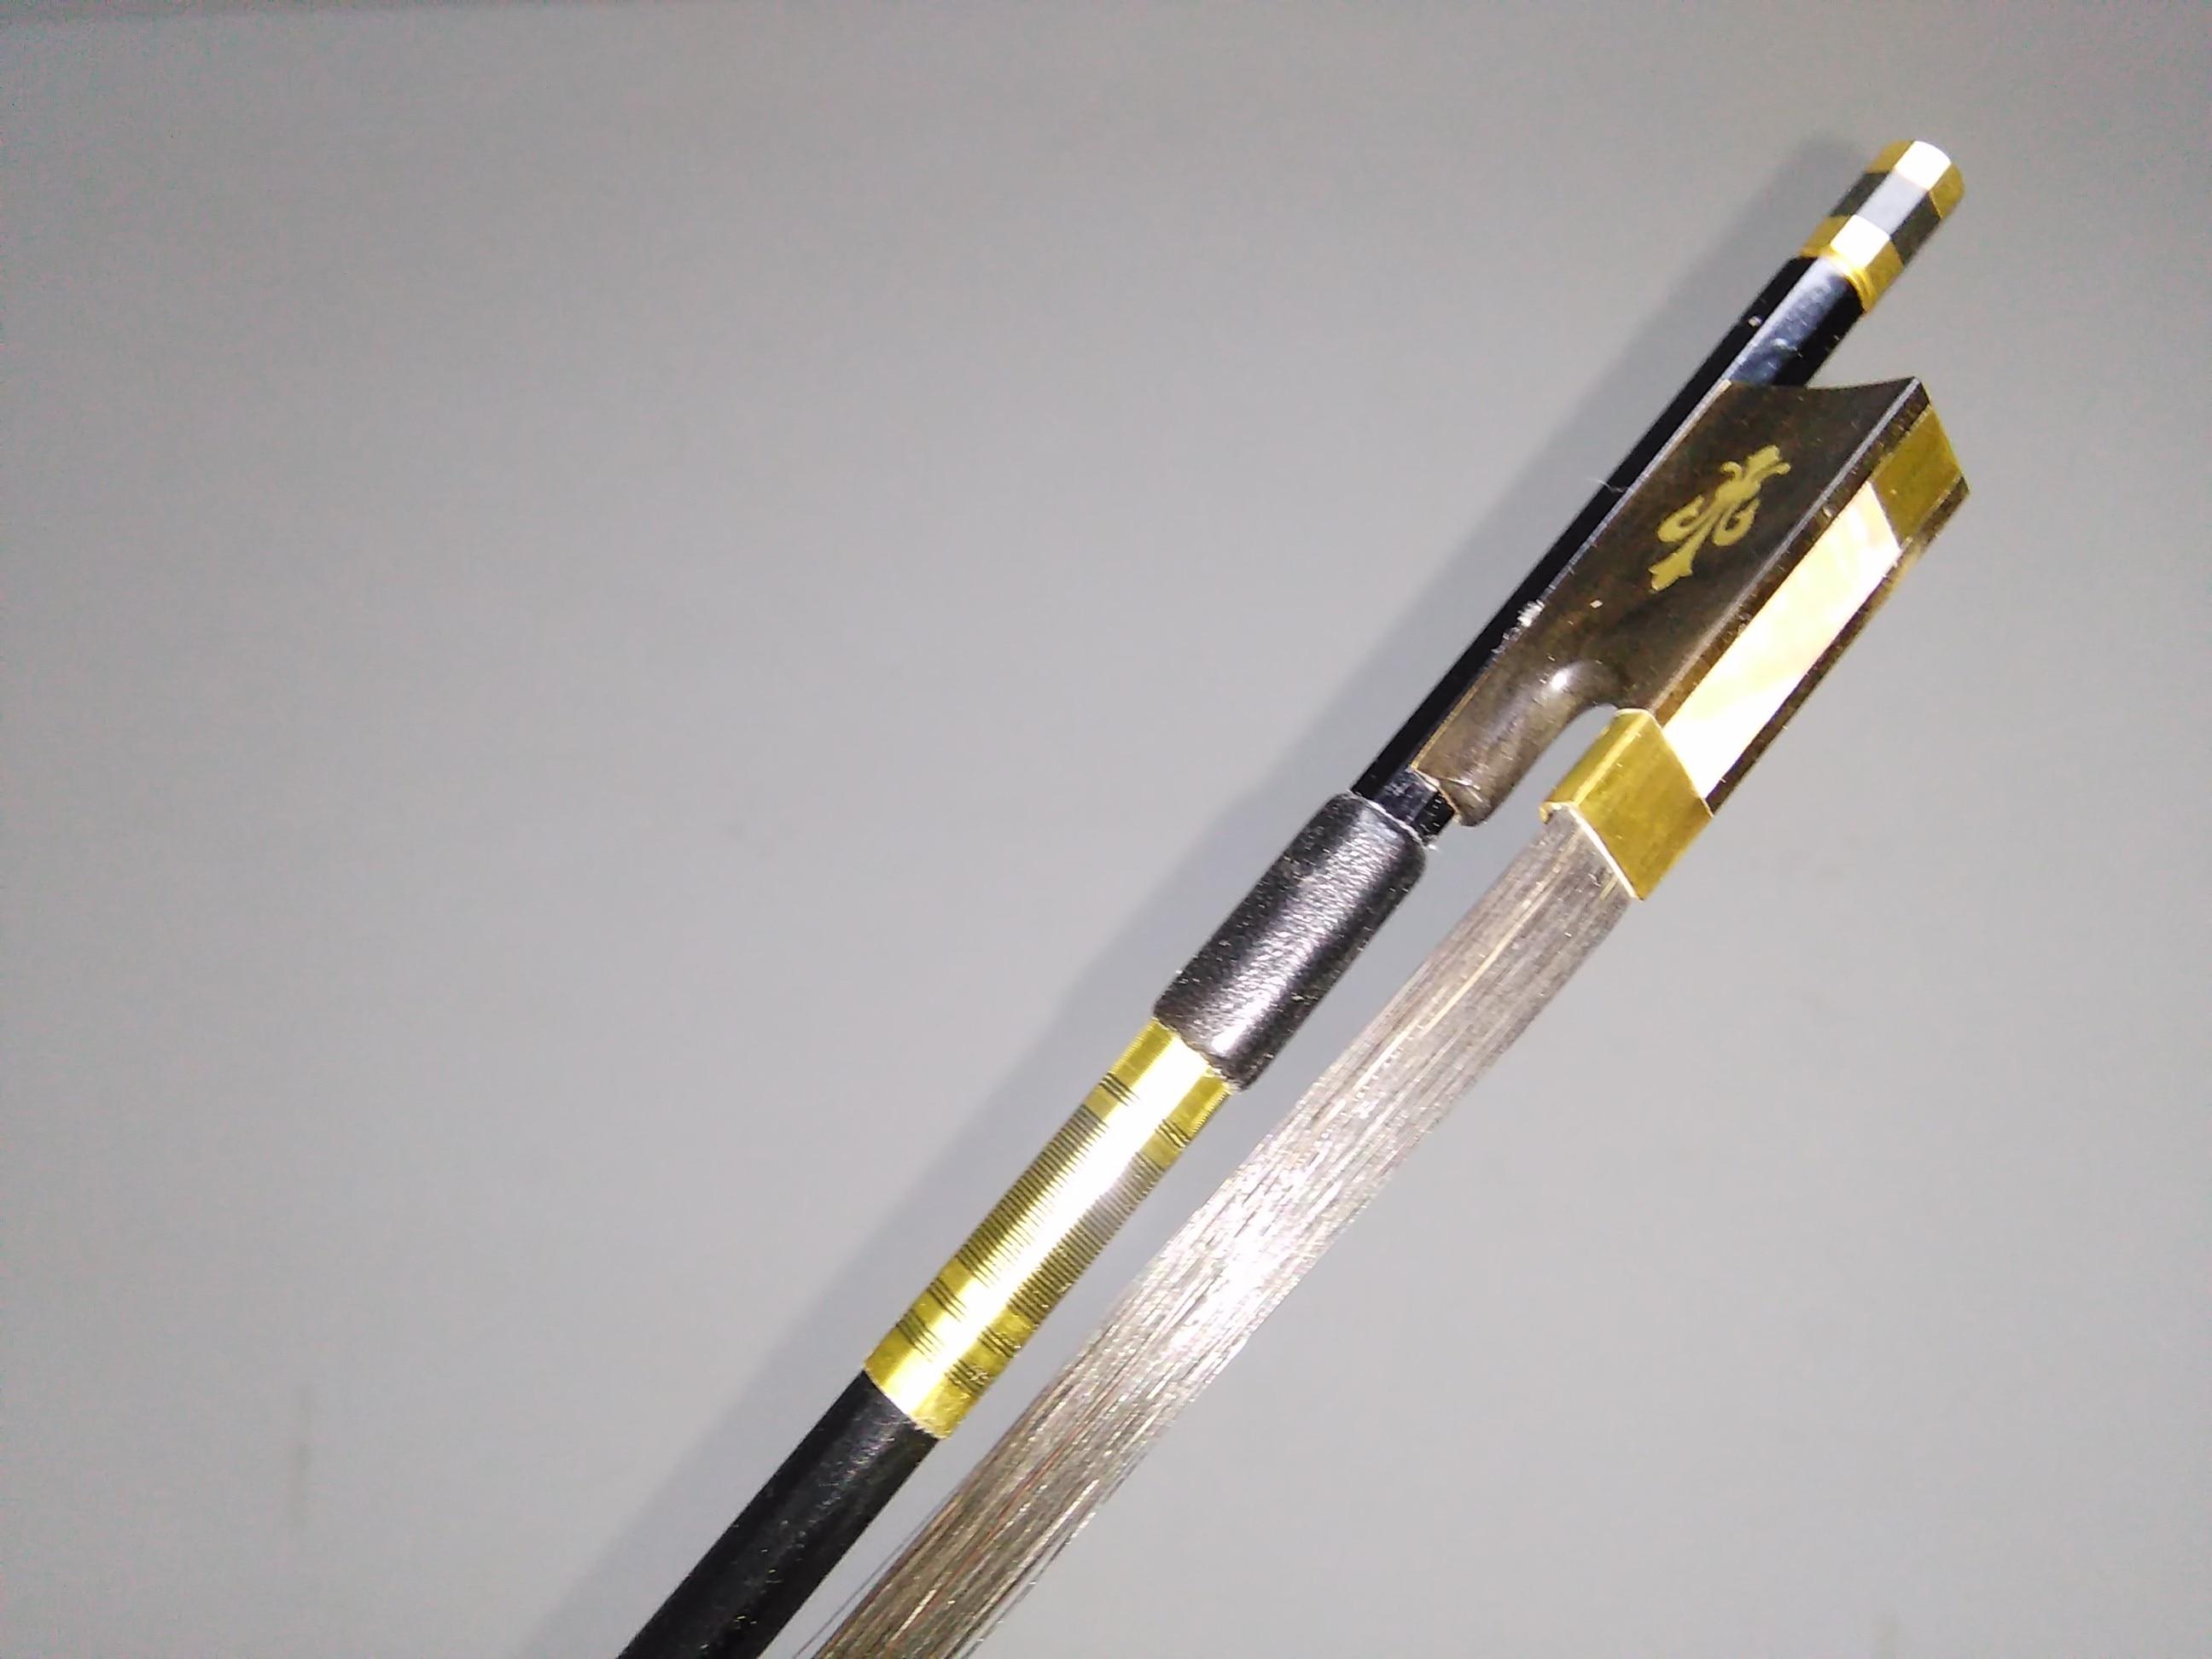 1 PC complet noir fibre de carbone violon arc avec sculpté fleur ébène grenouille noir cheval queues 4/4